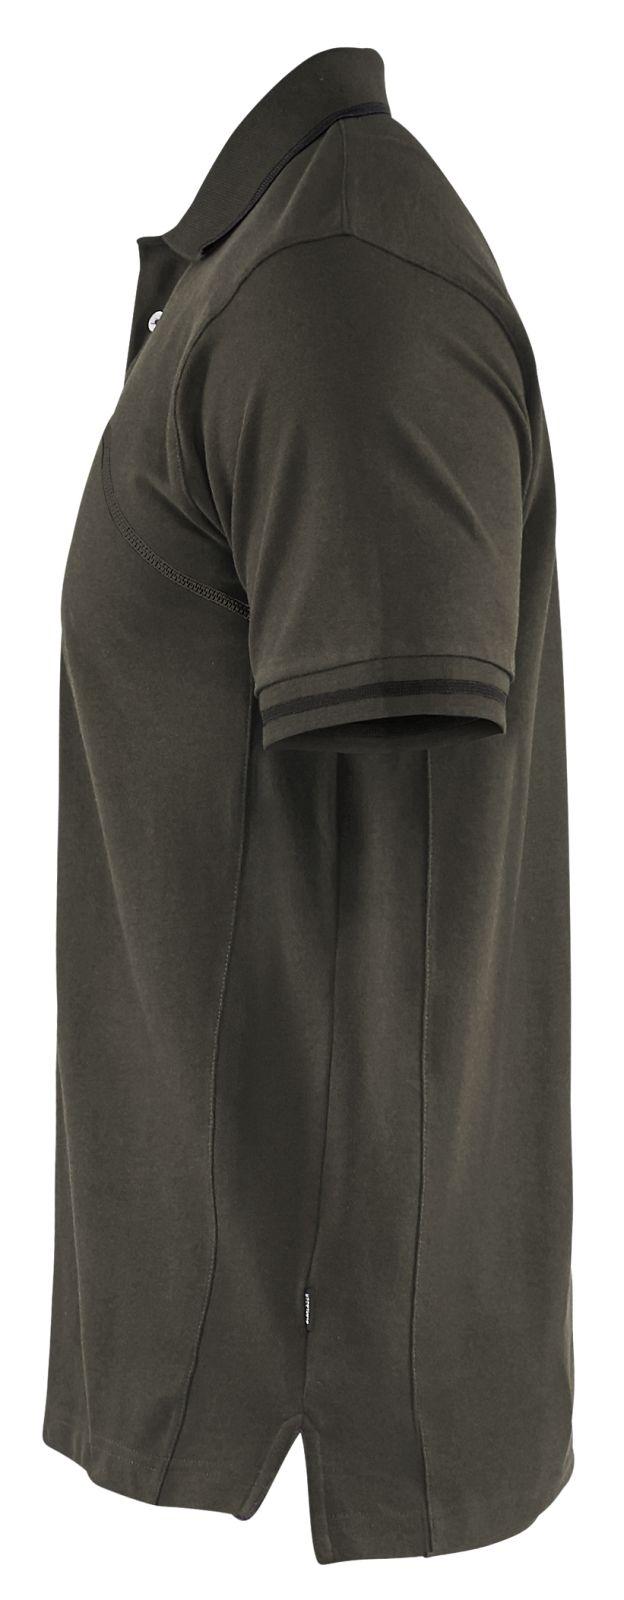 Blaklader Poloshirts 33891050 groen-zwart(4599)